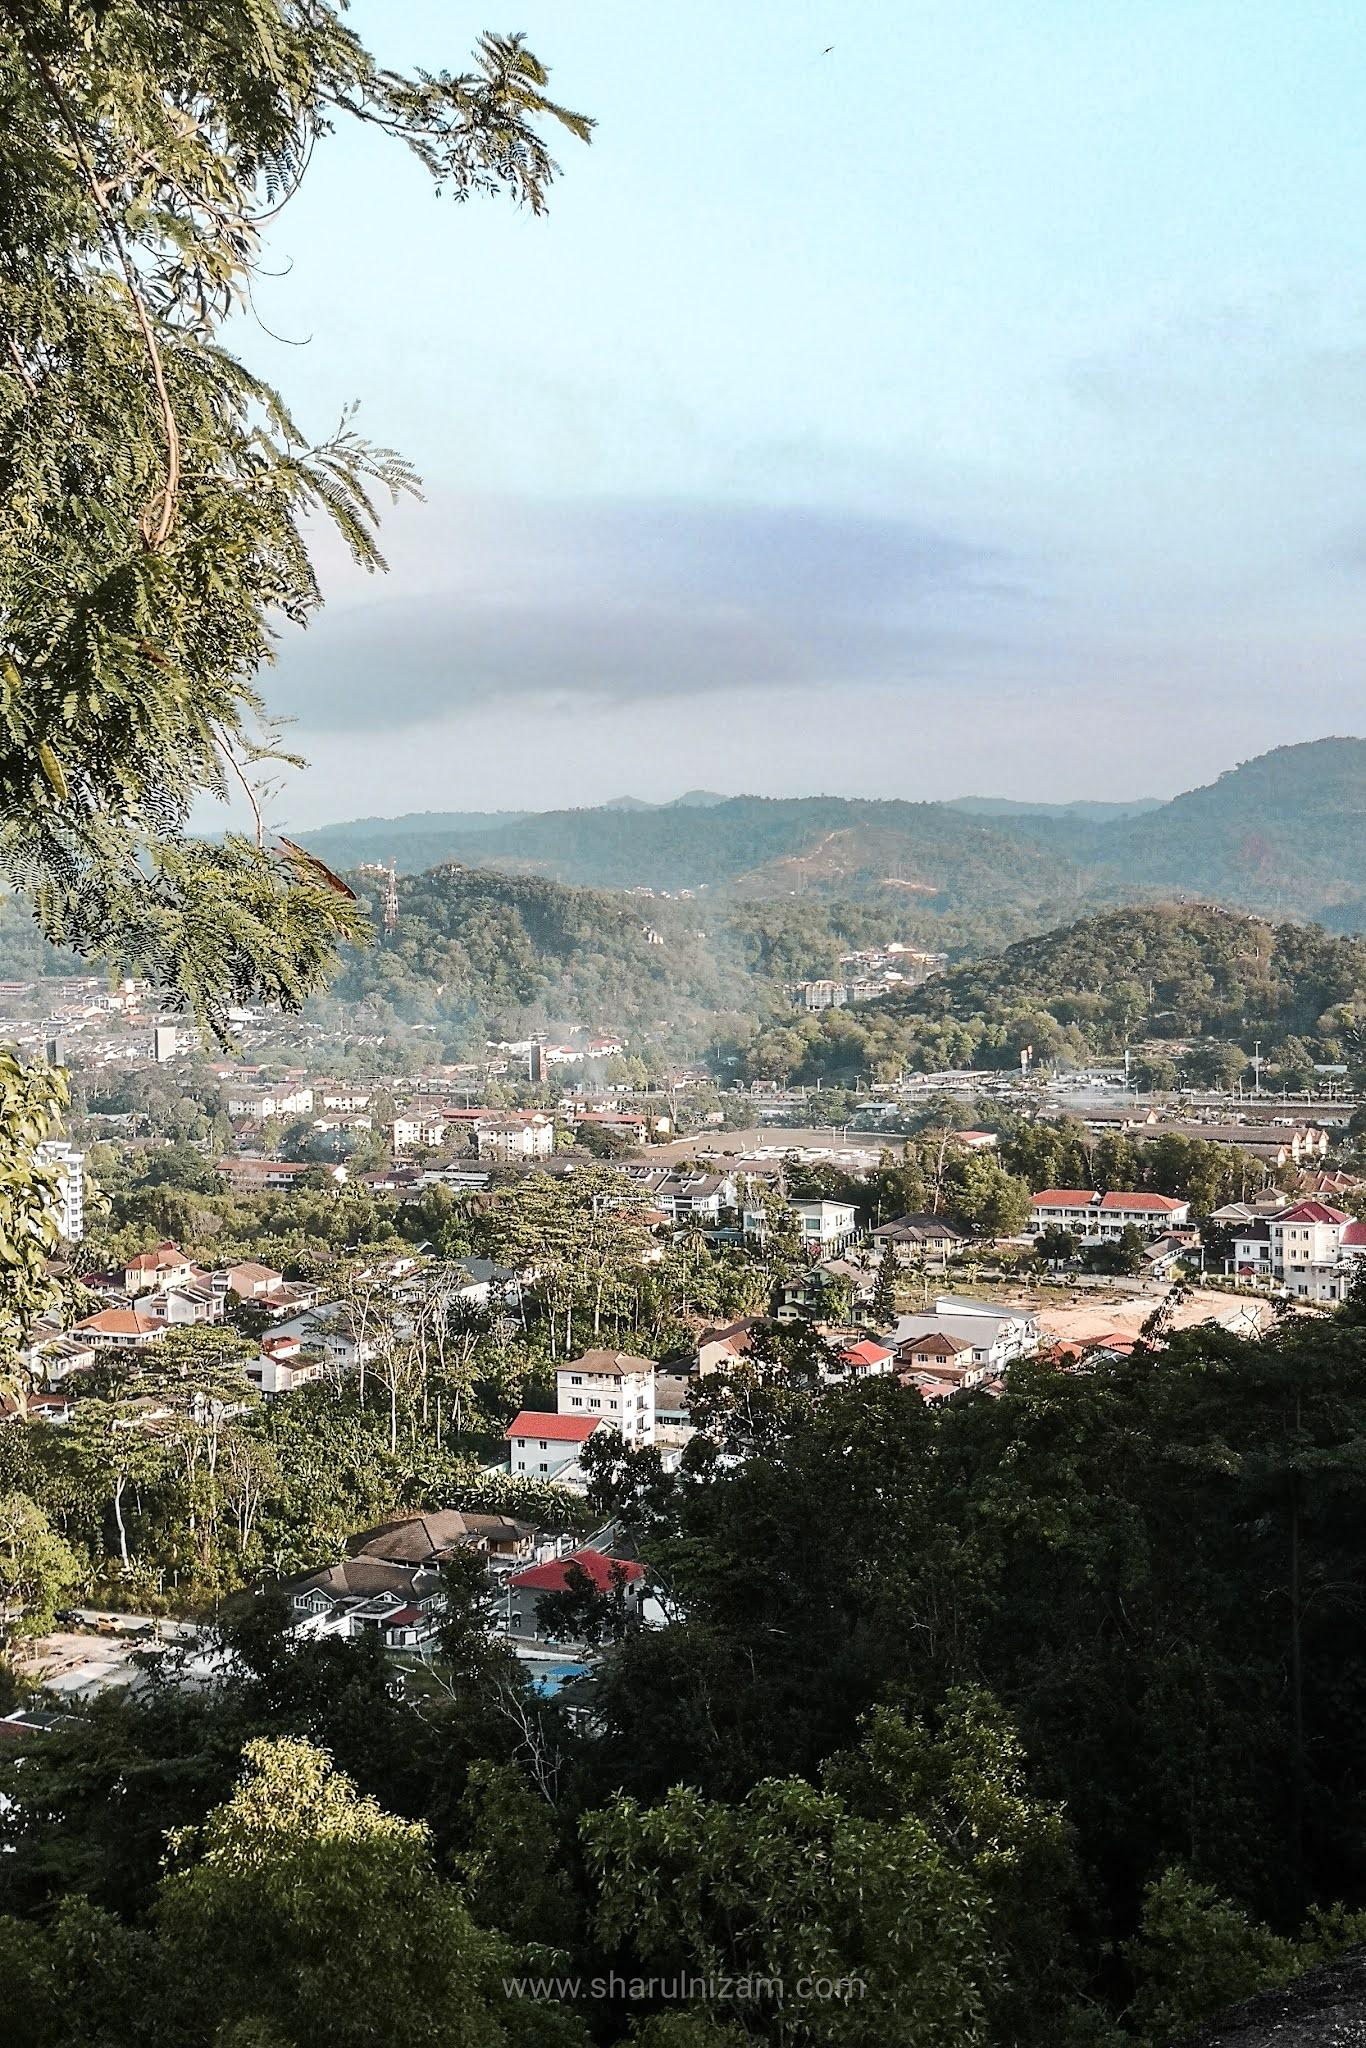 Hiking Ke Loji Air Cemerlang Heights, Taman Melati